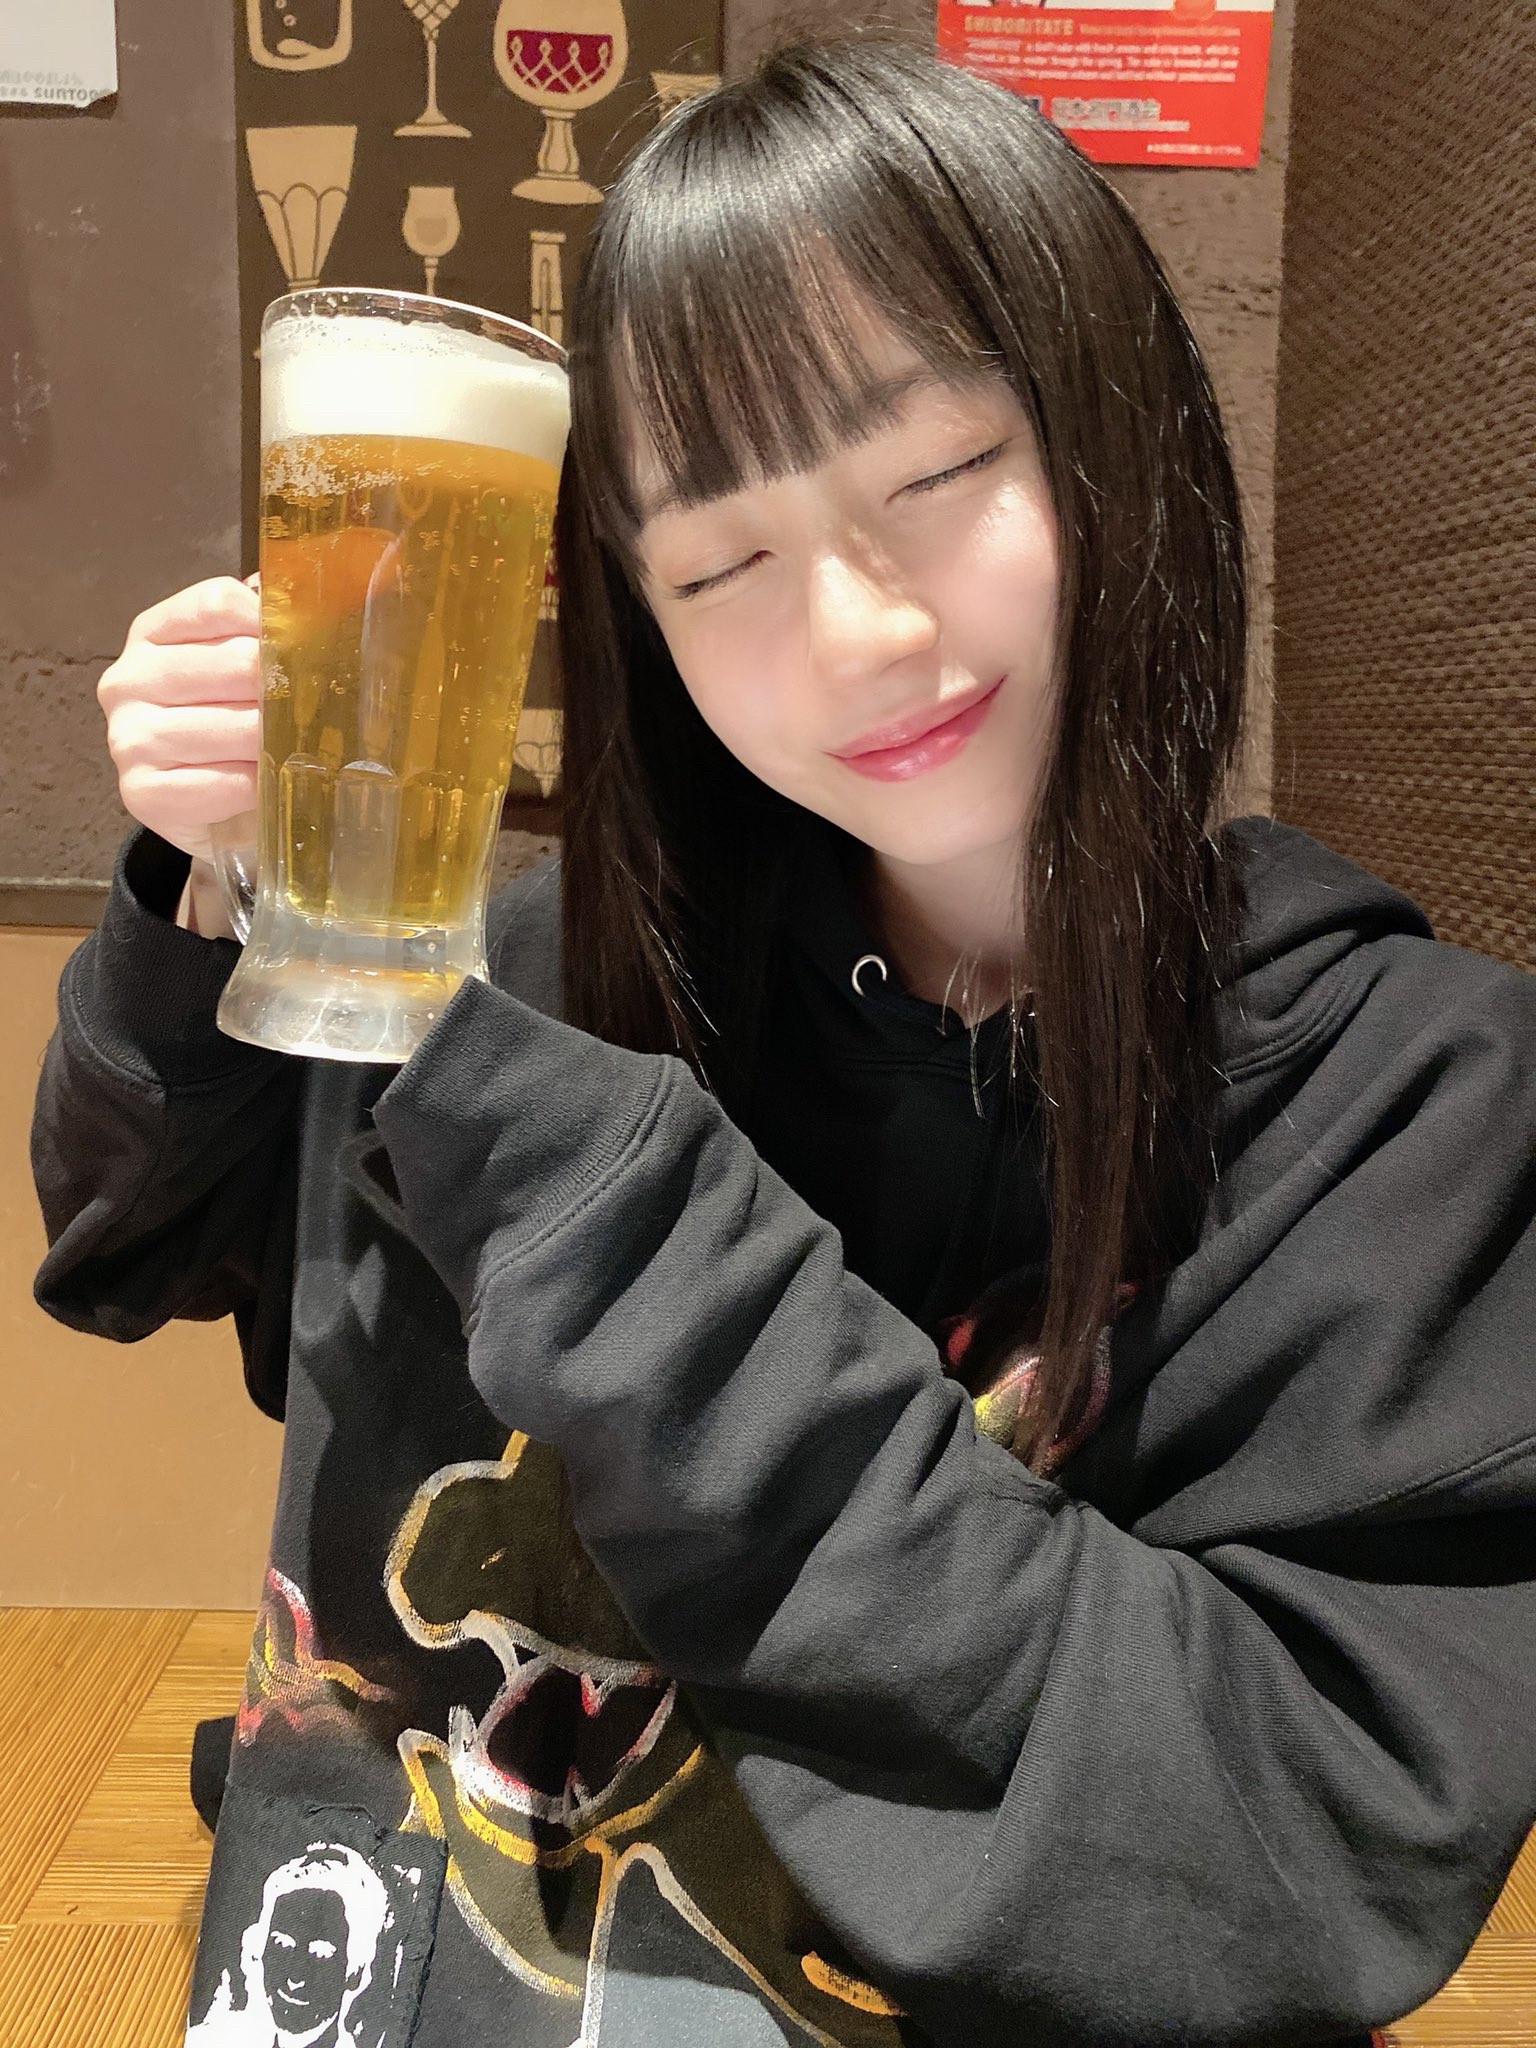 【画像】七沢みあちゃんとかいうぐうかわ女優